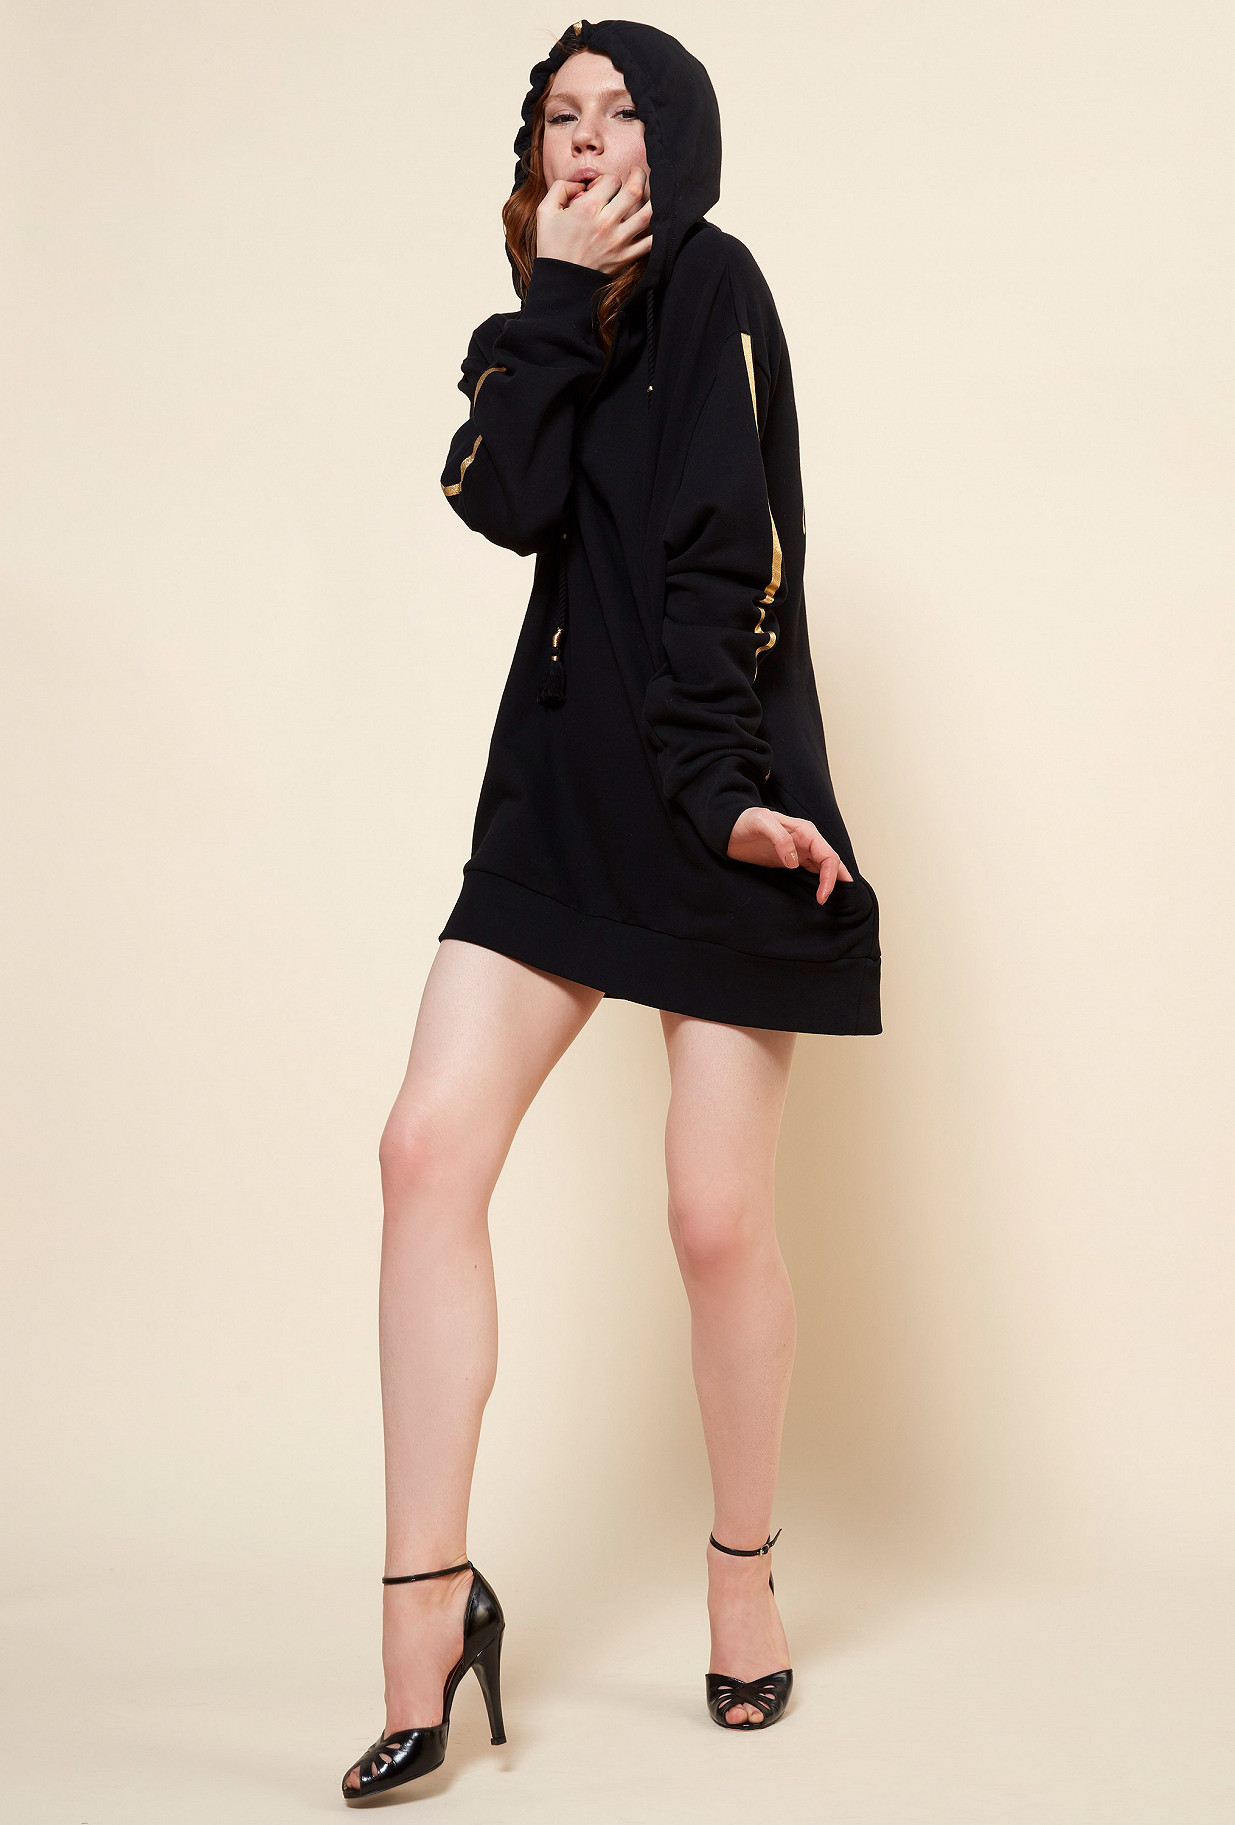 Black Sweater Colette Mes Demoiselles Paris